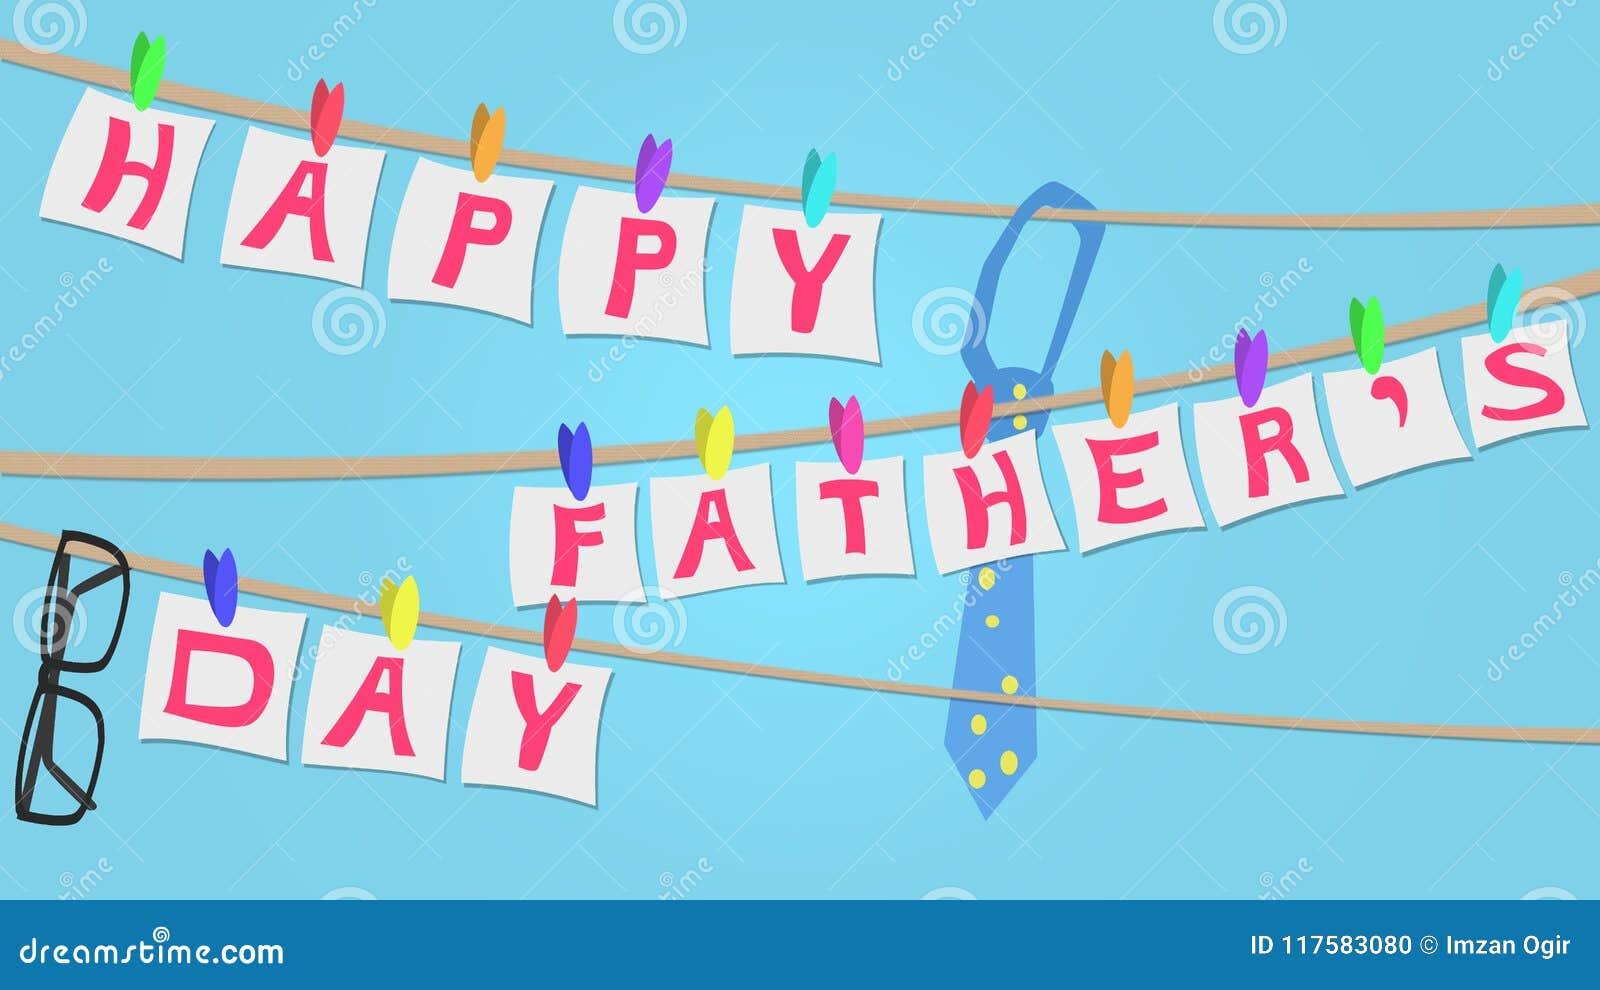 Ευτυχής απεικόνιση ευχετήριων καρτών ημέρας πατέρων, ύφος γραμμών ενδυμάτων